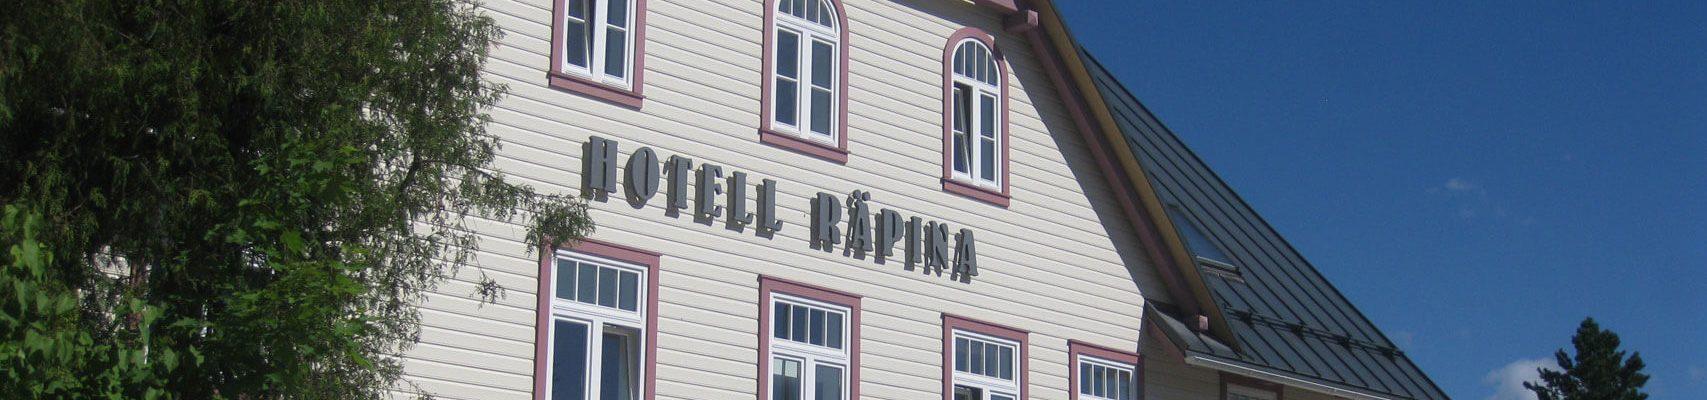 Majutus Räpinas | Hotell Räpina